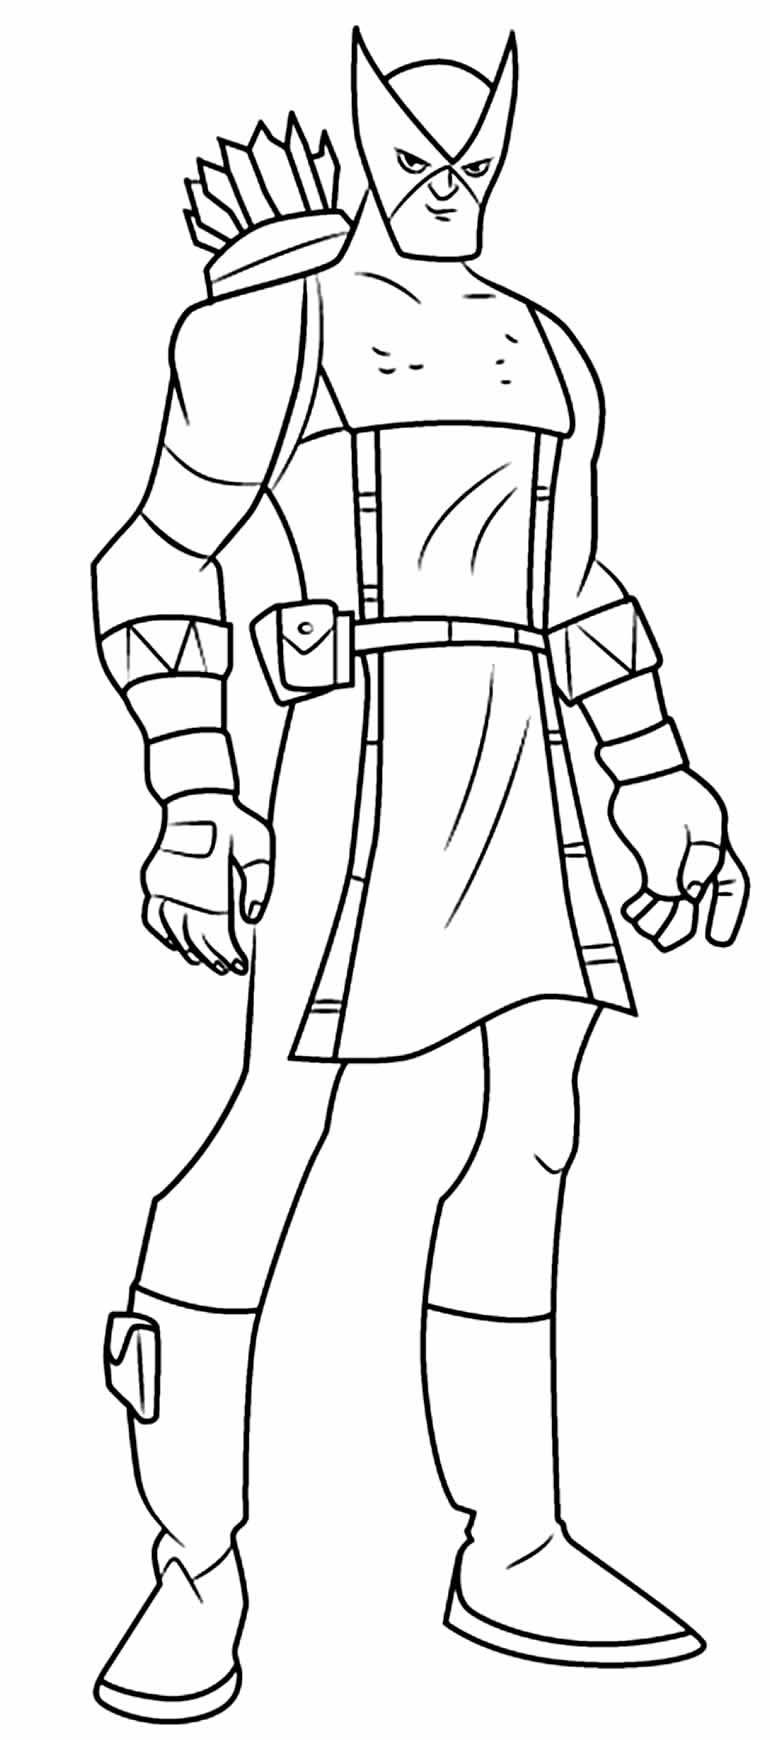 Desenho para pintar do Gavião Arqueiro